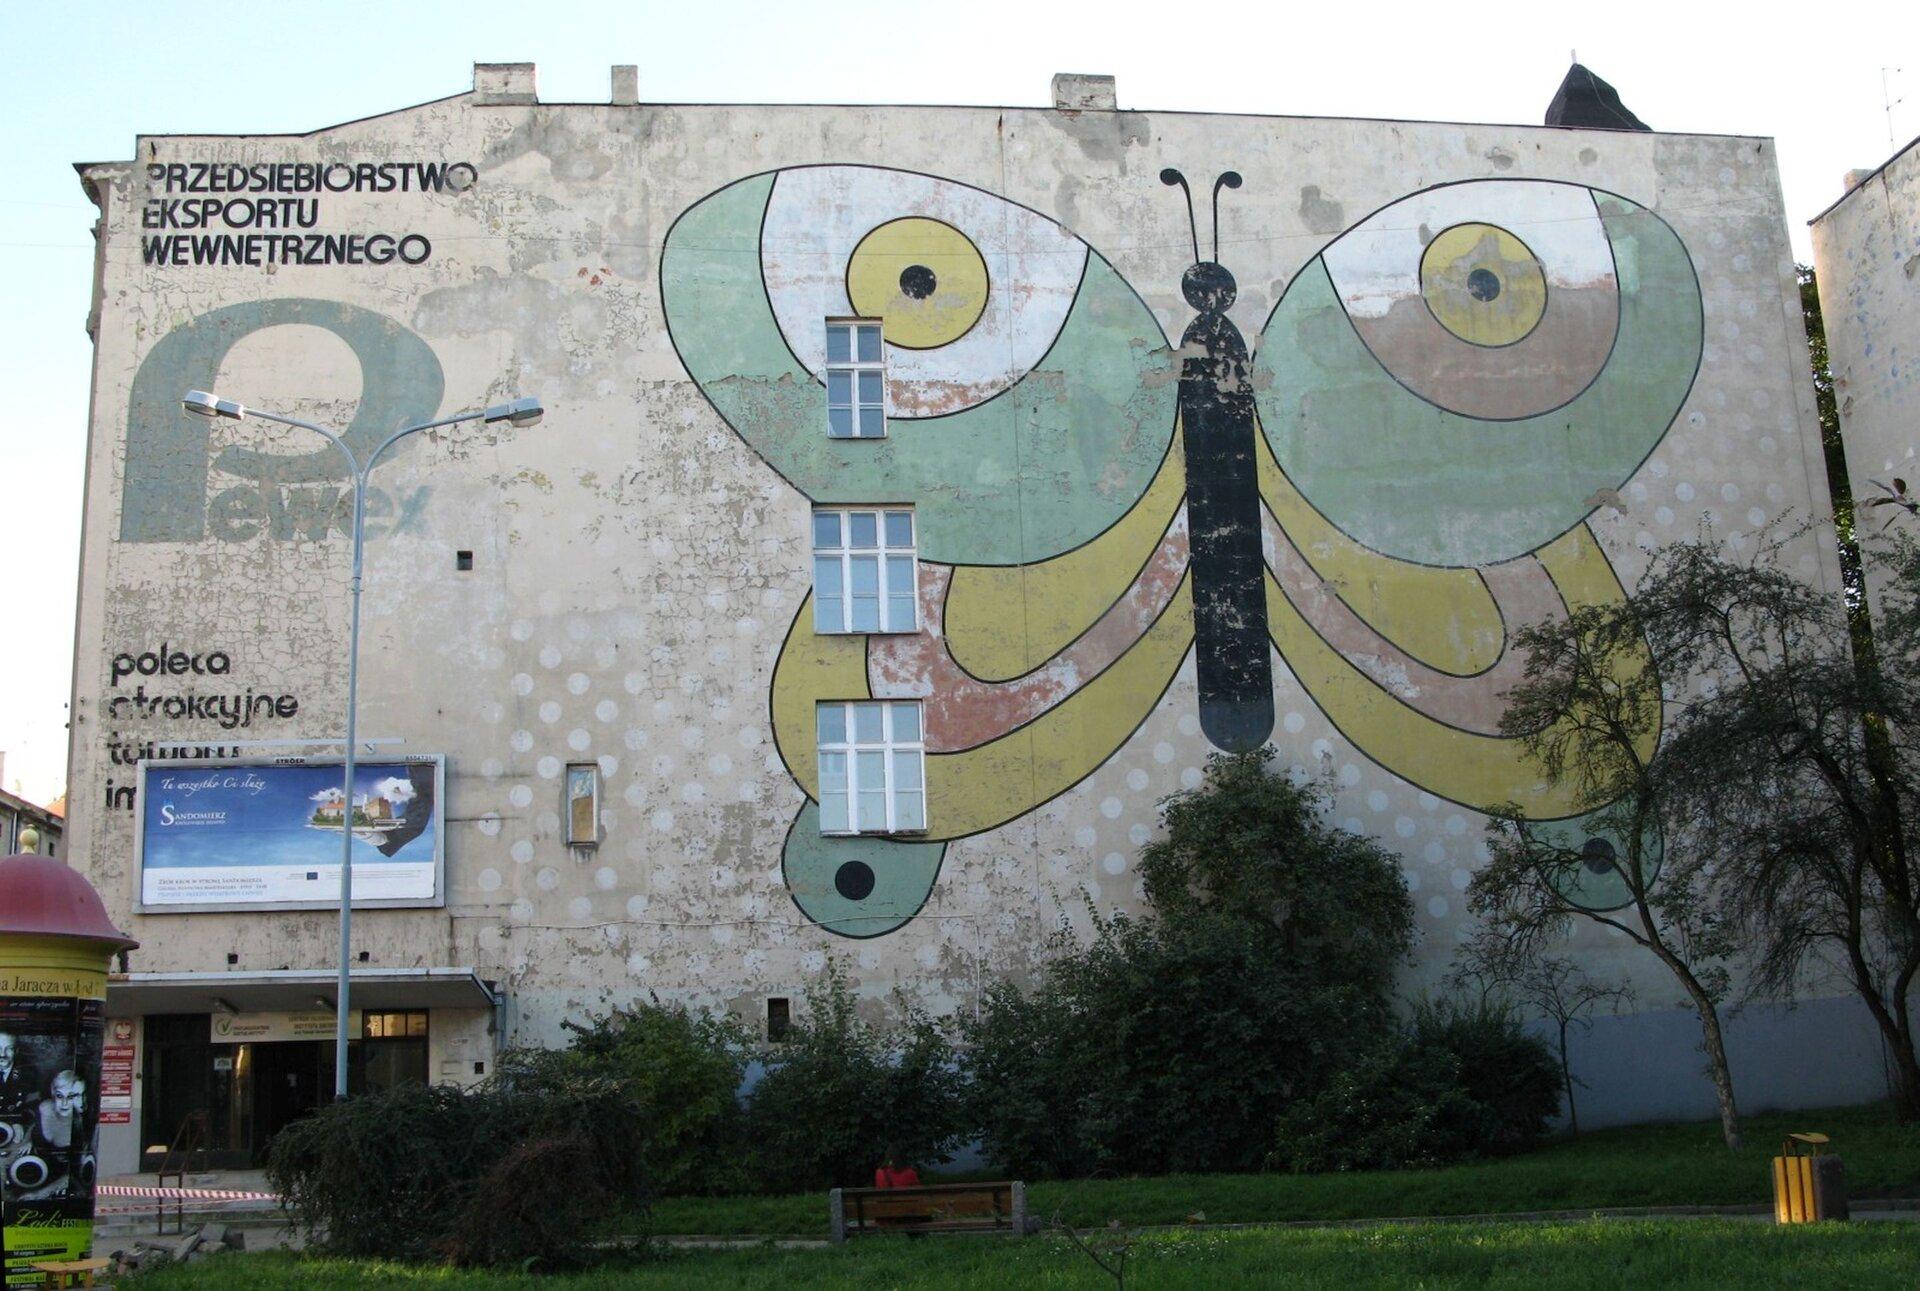 """Zdjęcie przedstawia ścianę budynku dawnego Pewexu zmuralem wkształcie motyla. Po lewej stronie budynku widnieje napis """"Przedsiębiorstwo eksportu wewnętrznego"""". Budynek ma trzy okna. Motyl namalowany jest wkolorach - zielony, żółty, czerwony oraz czarny. Przed budynkiem ukazana jest ławka oraz żółty śmietnik."""